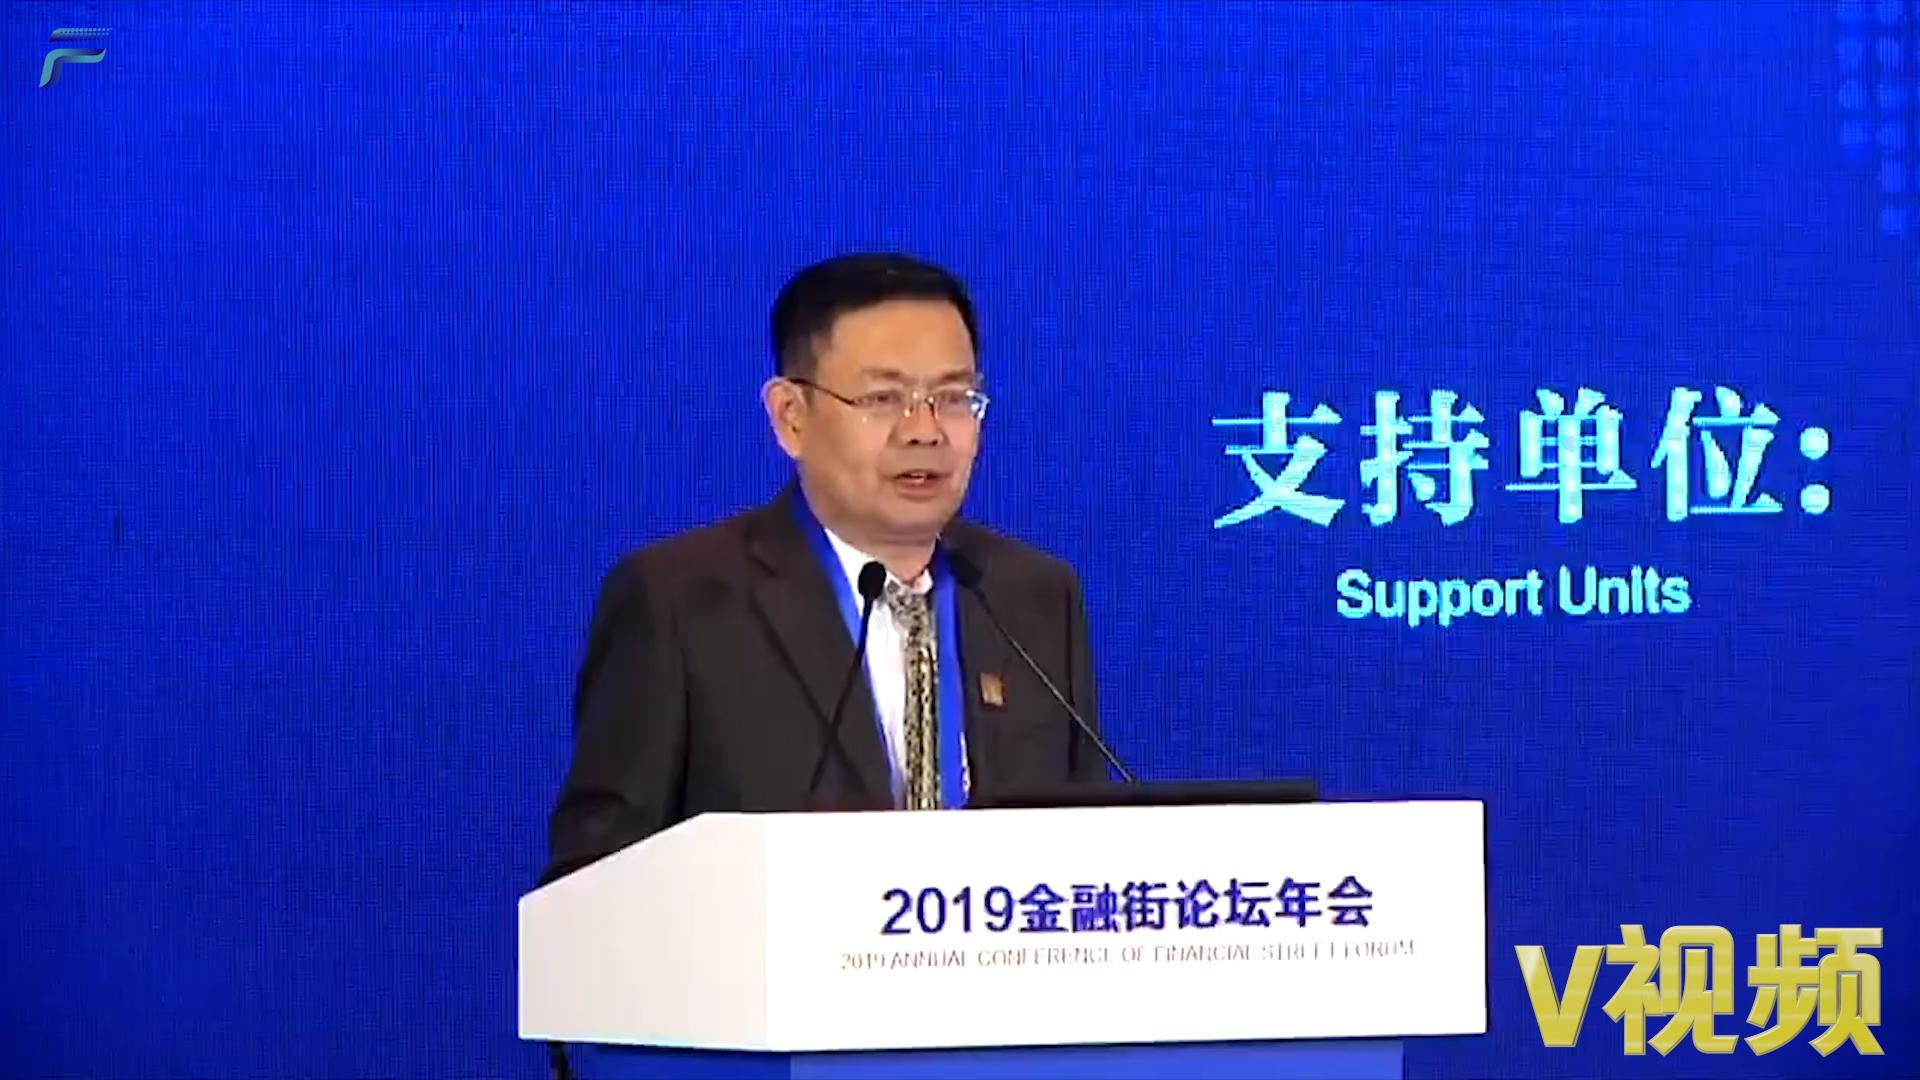 赵全厚:货币政策要在新环境进一步创新